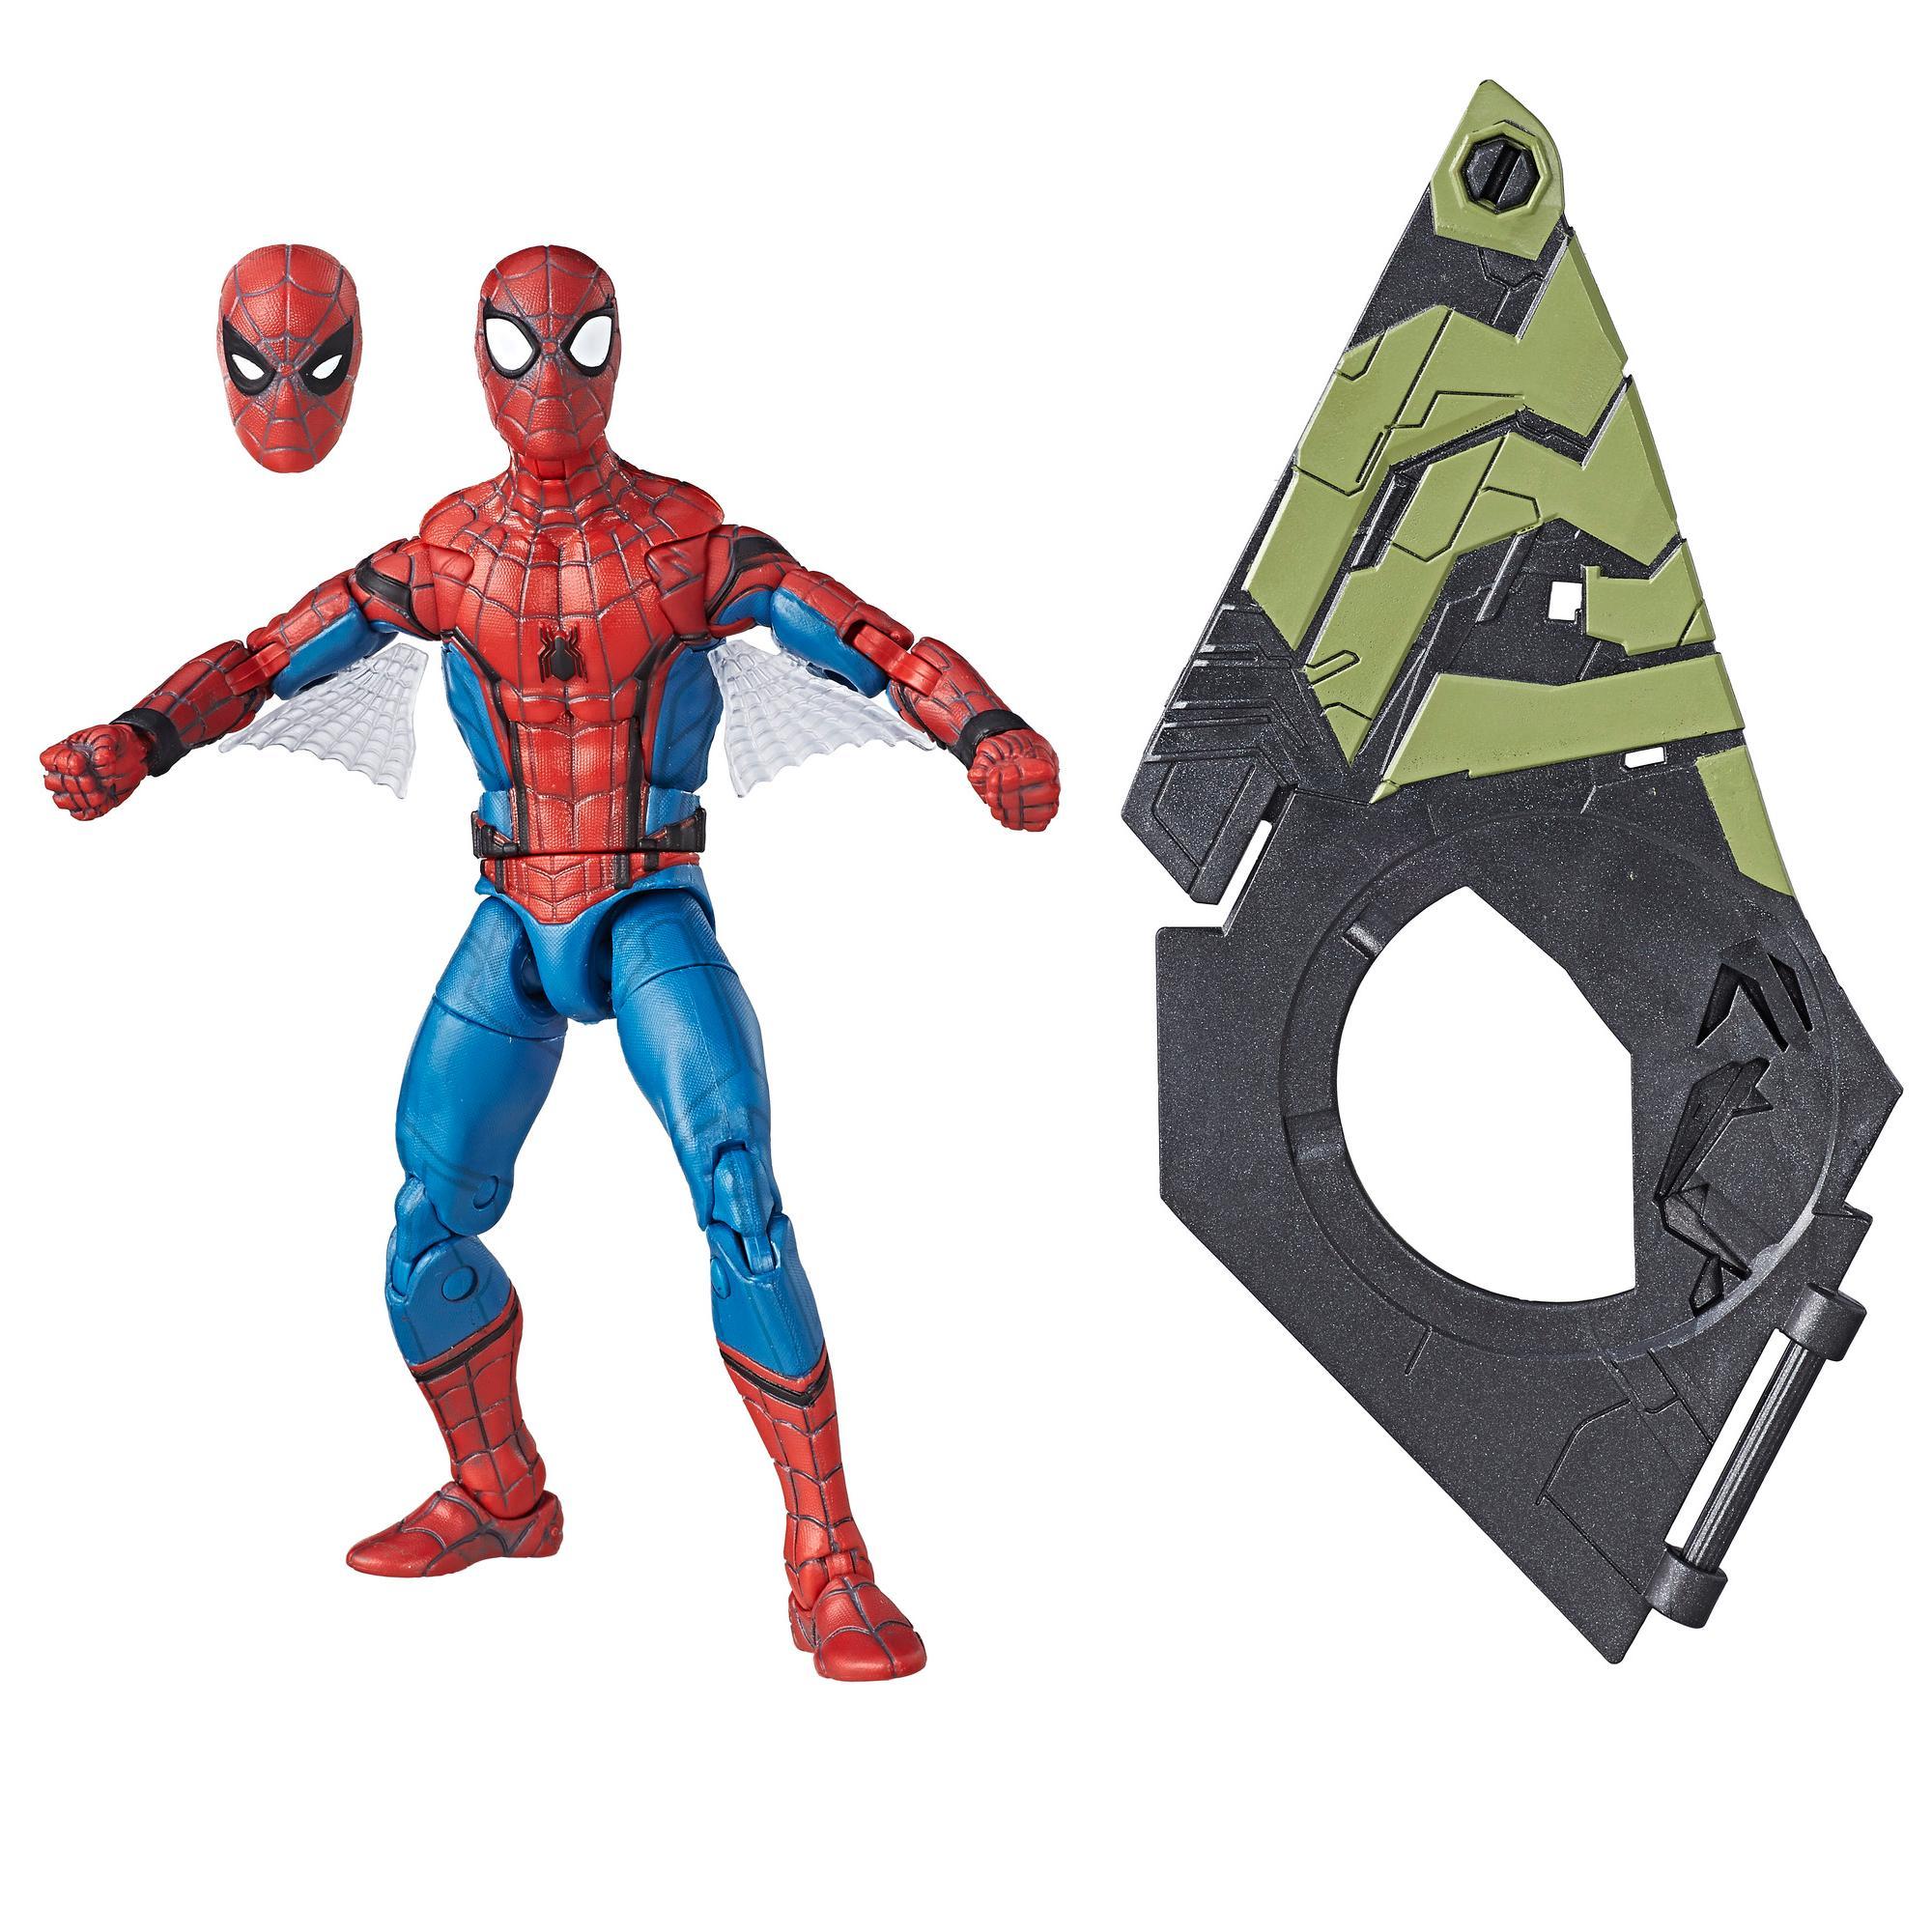 Marvel Spider-Man Legends Series - Figurine Spider-Man de 15 cm